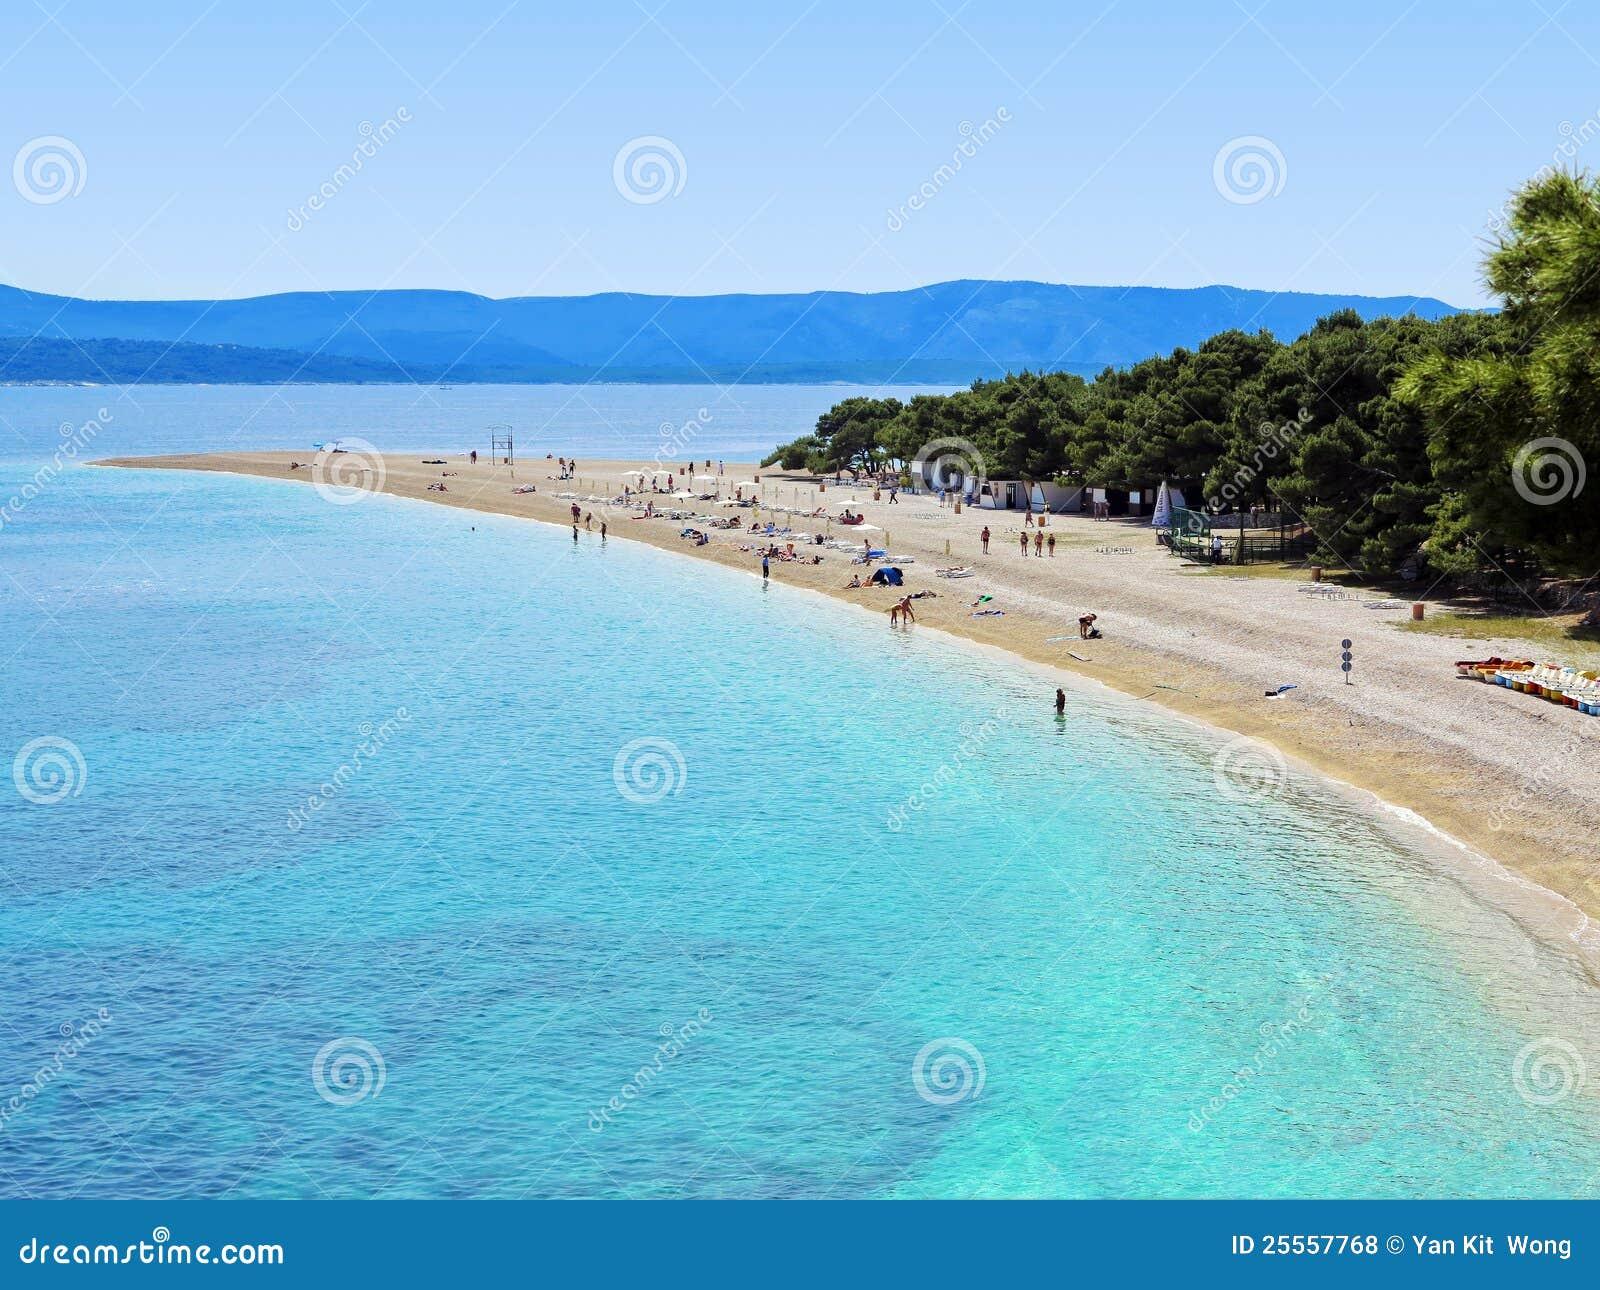 Zlatni Rat (Golden Cape) beach in Croatia